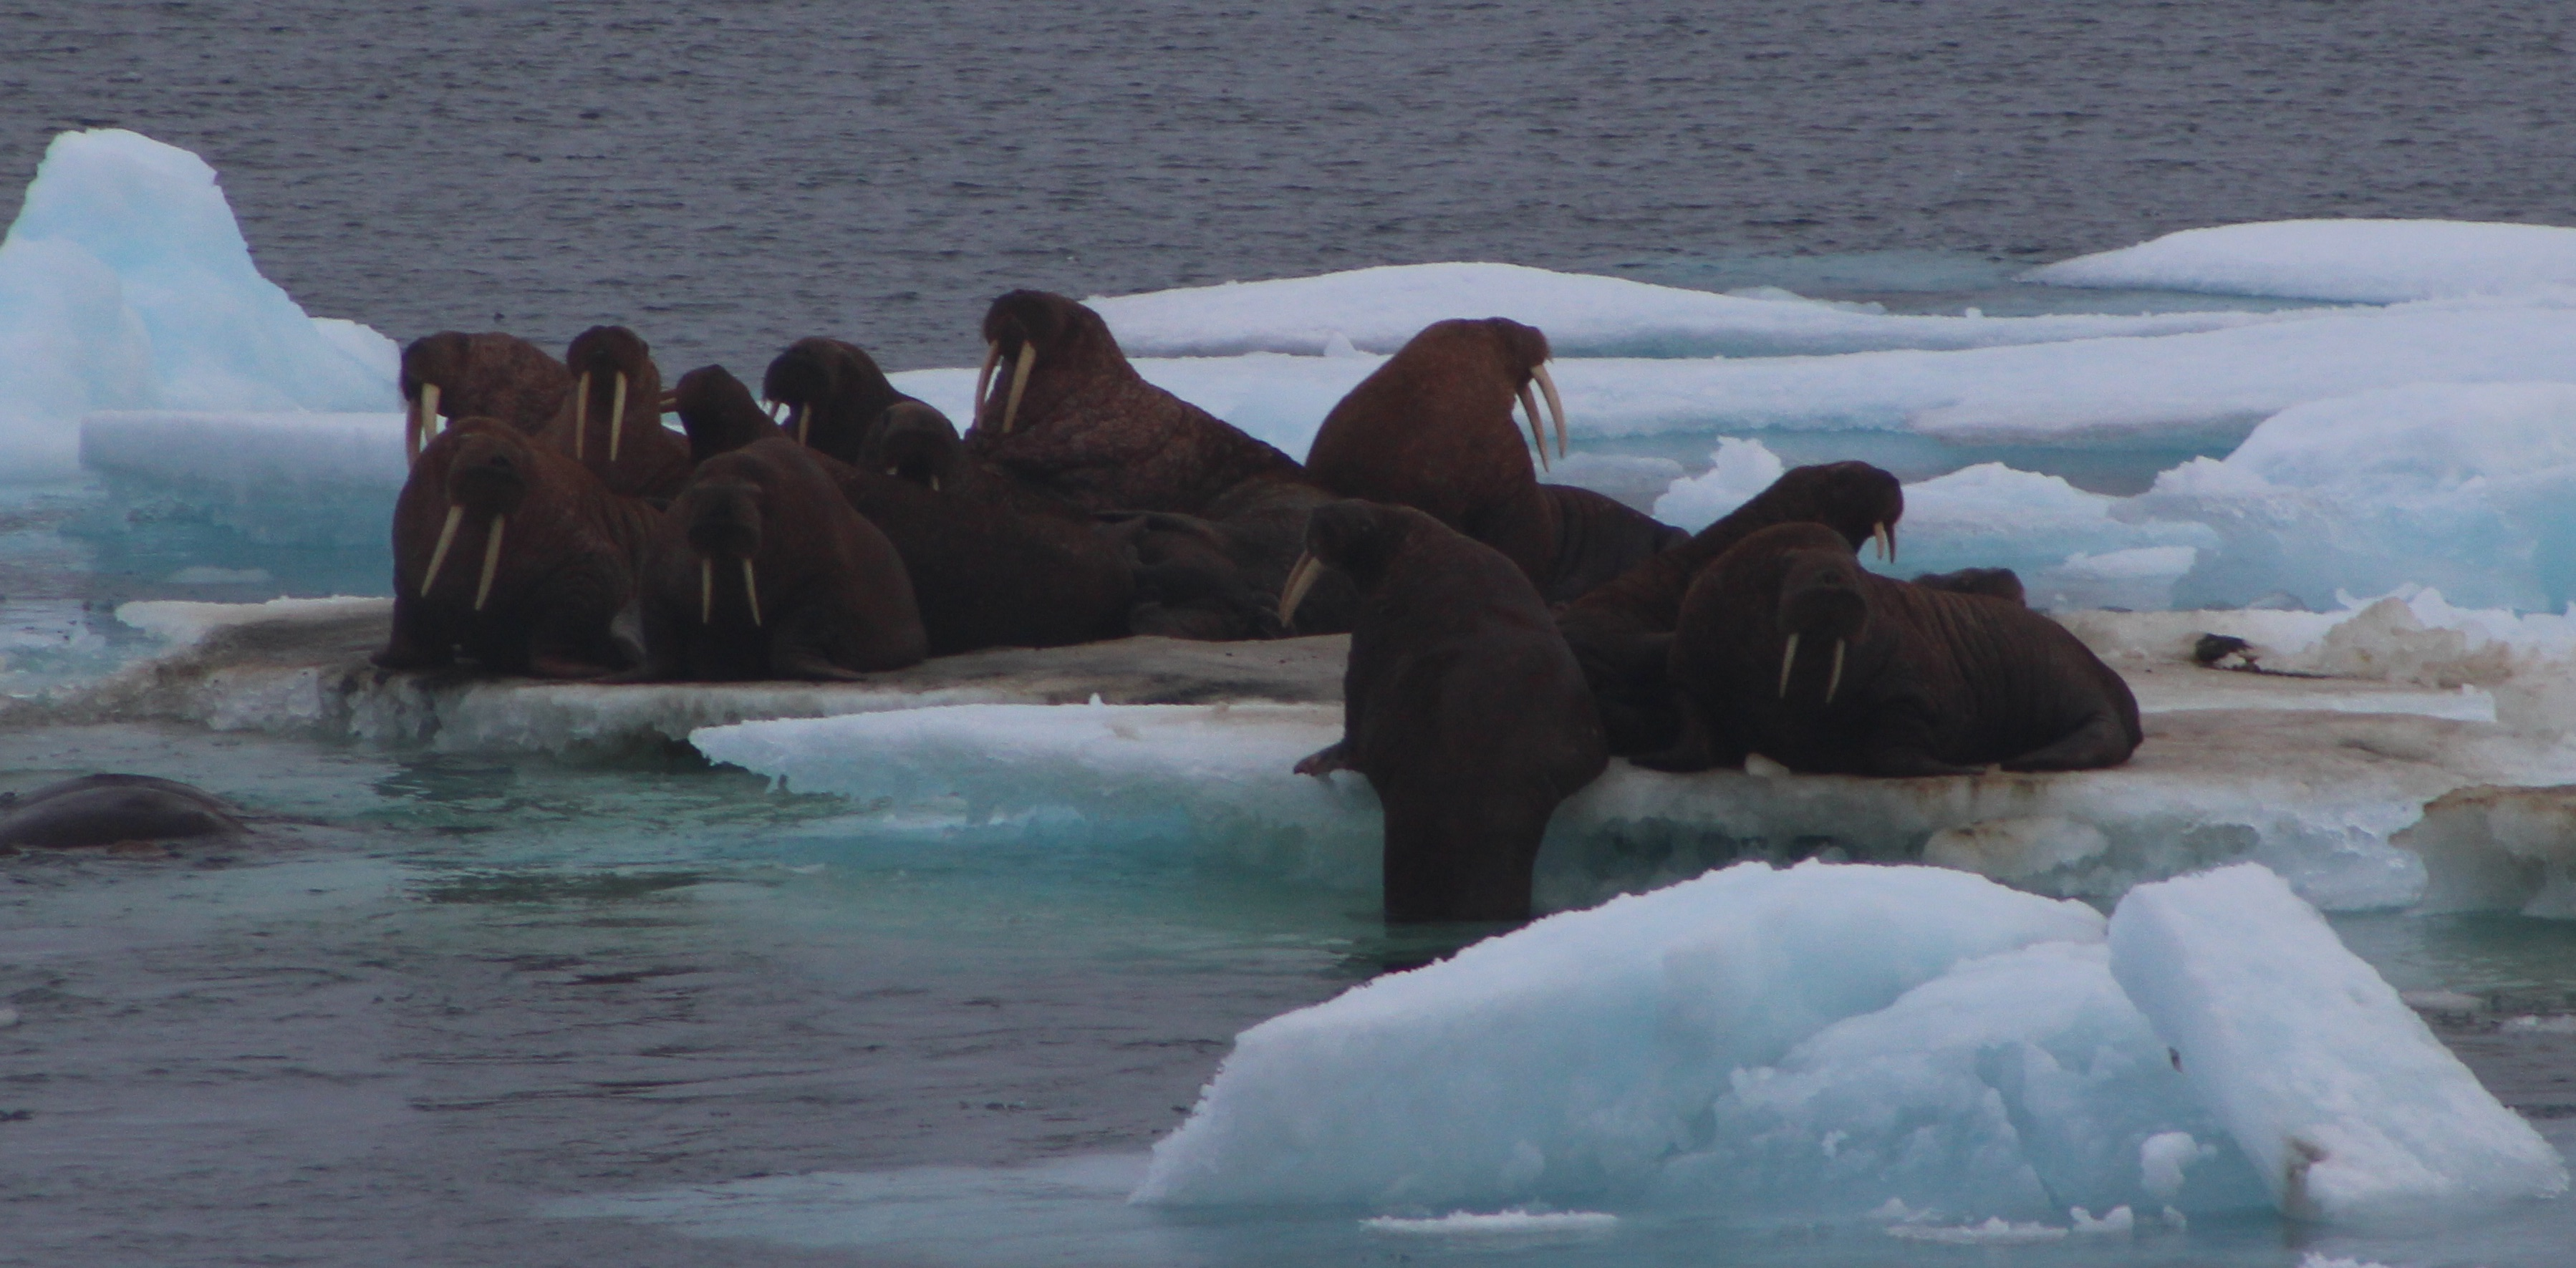 Walrus on Ice